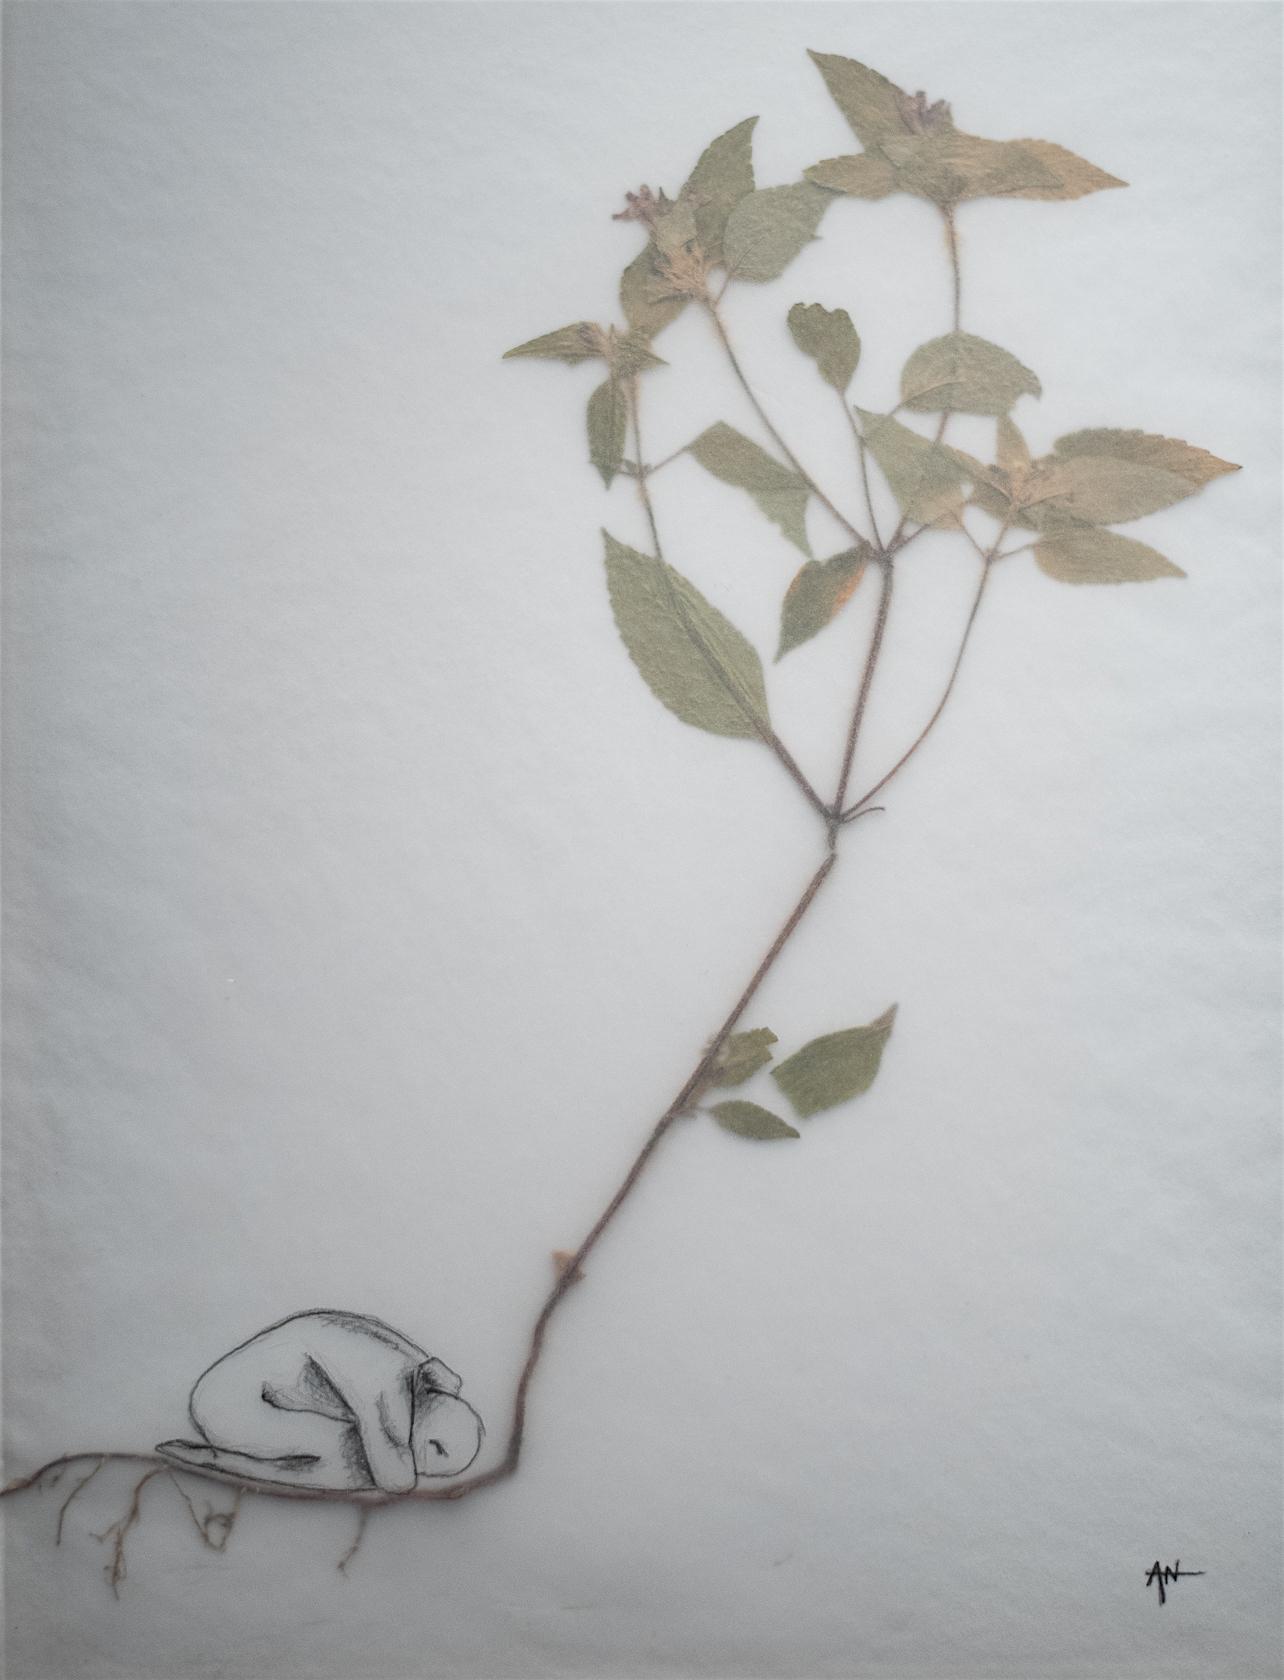 Plante séchée, crayon, calque sur papier. 2018.